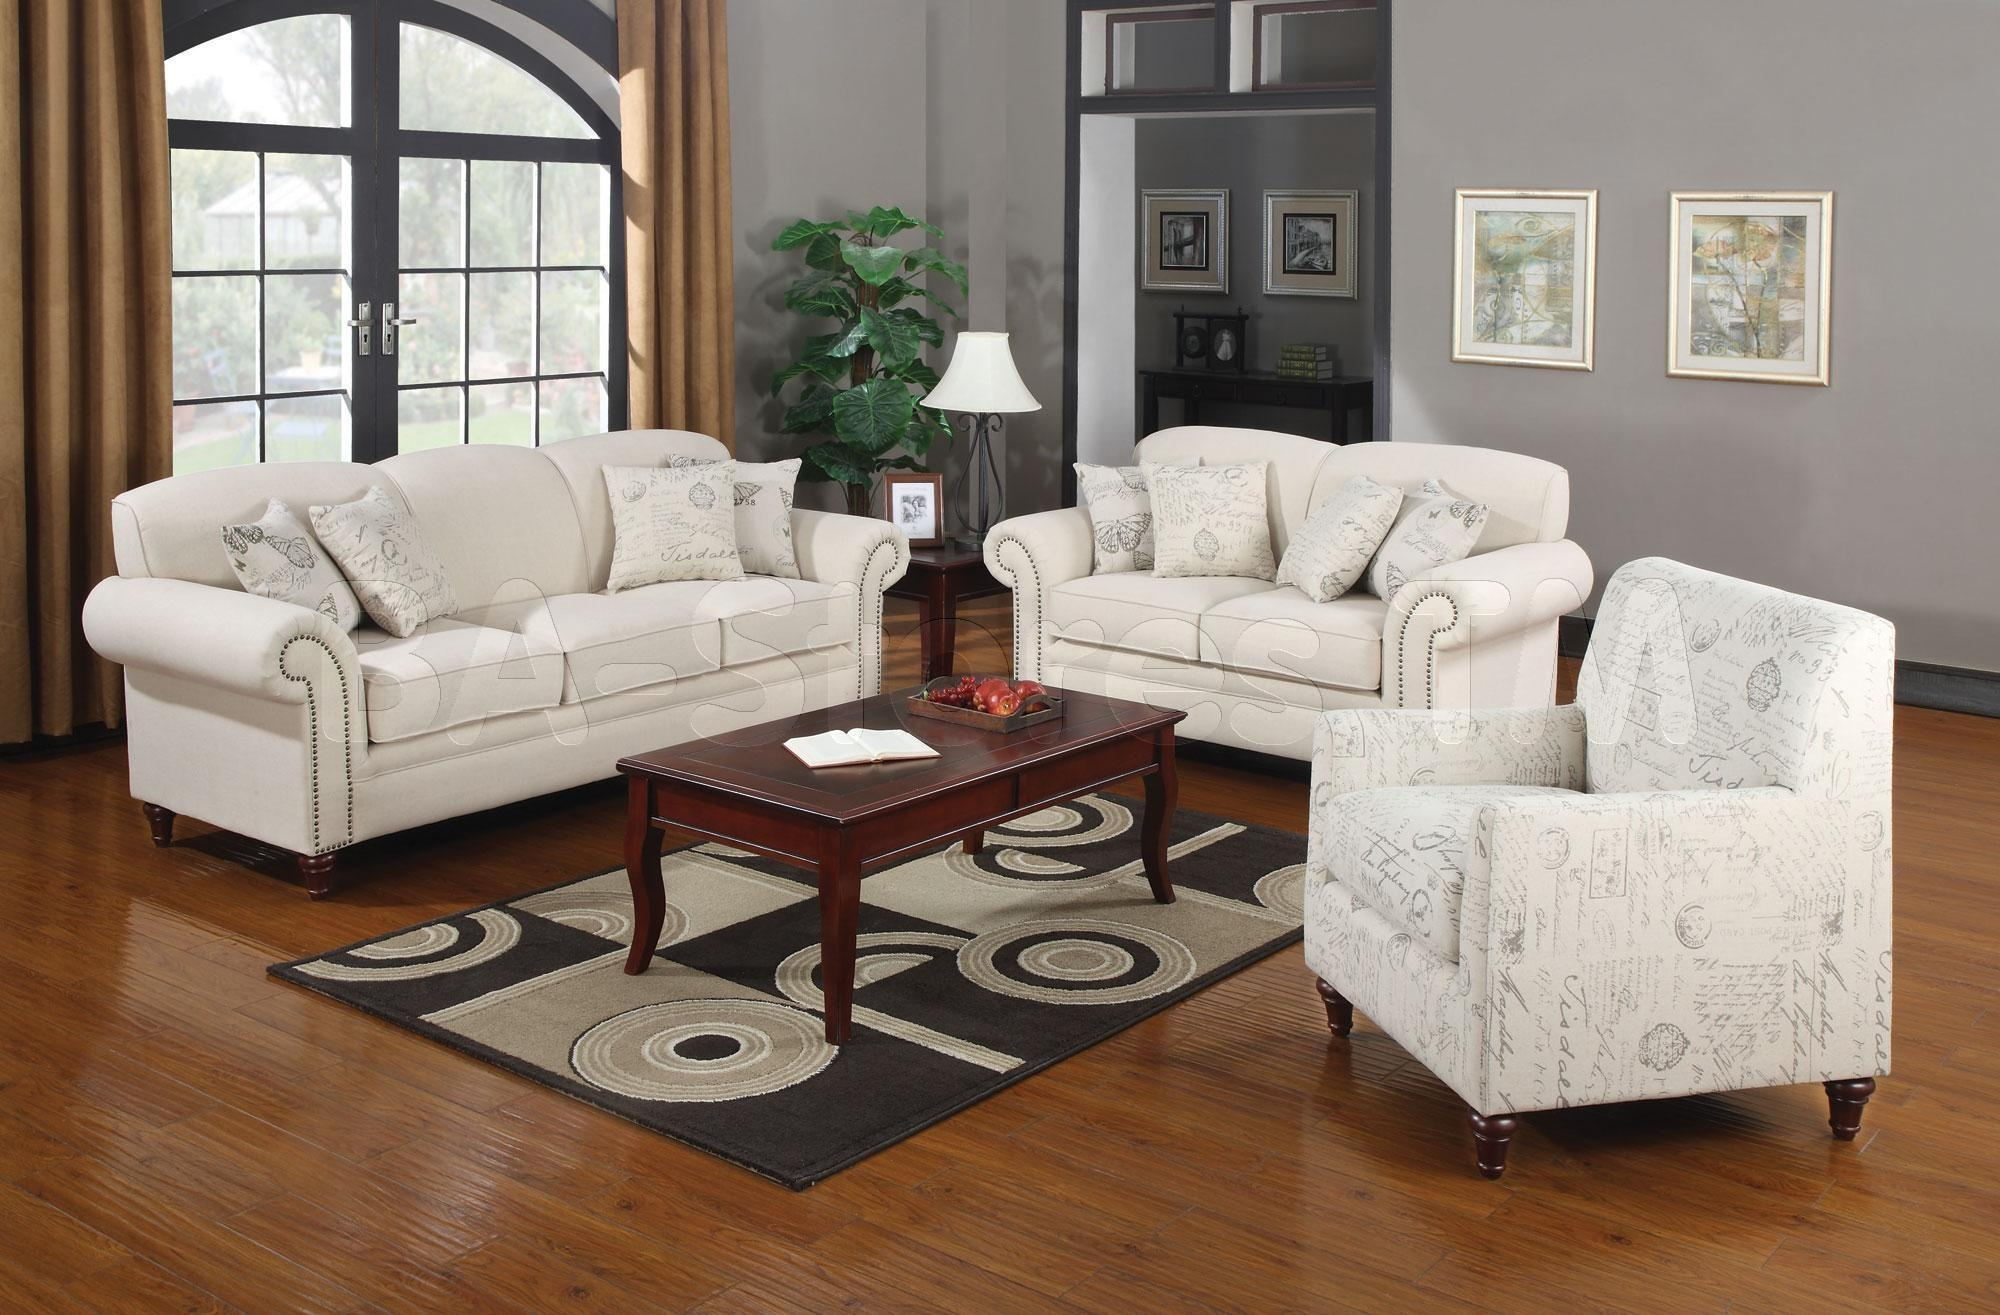 Furniture: Good Living Room Sets Near Me Black Living Room Sets Regarding Living Room Sofa And Chair Sets (Image 7 of 20)